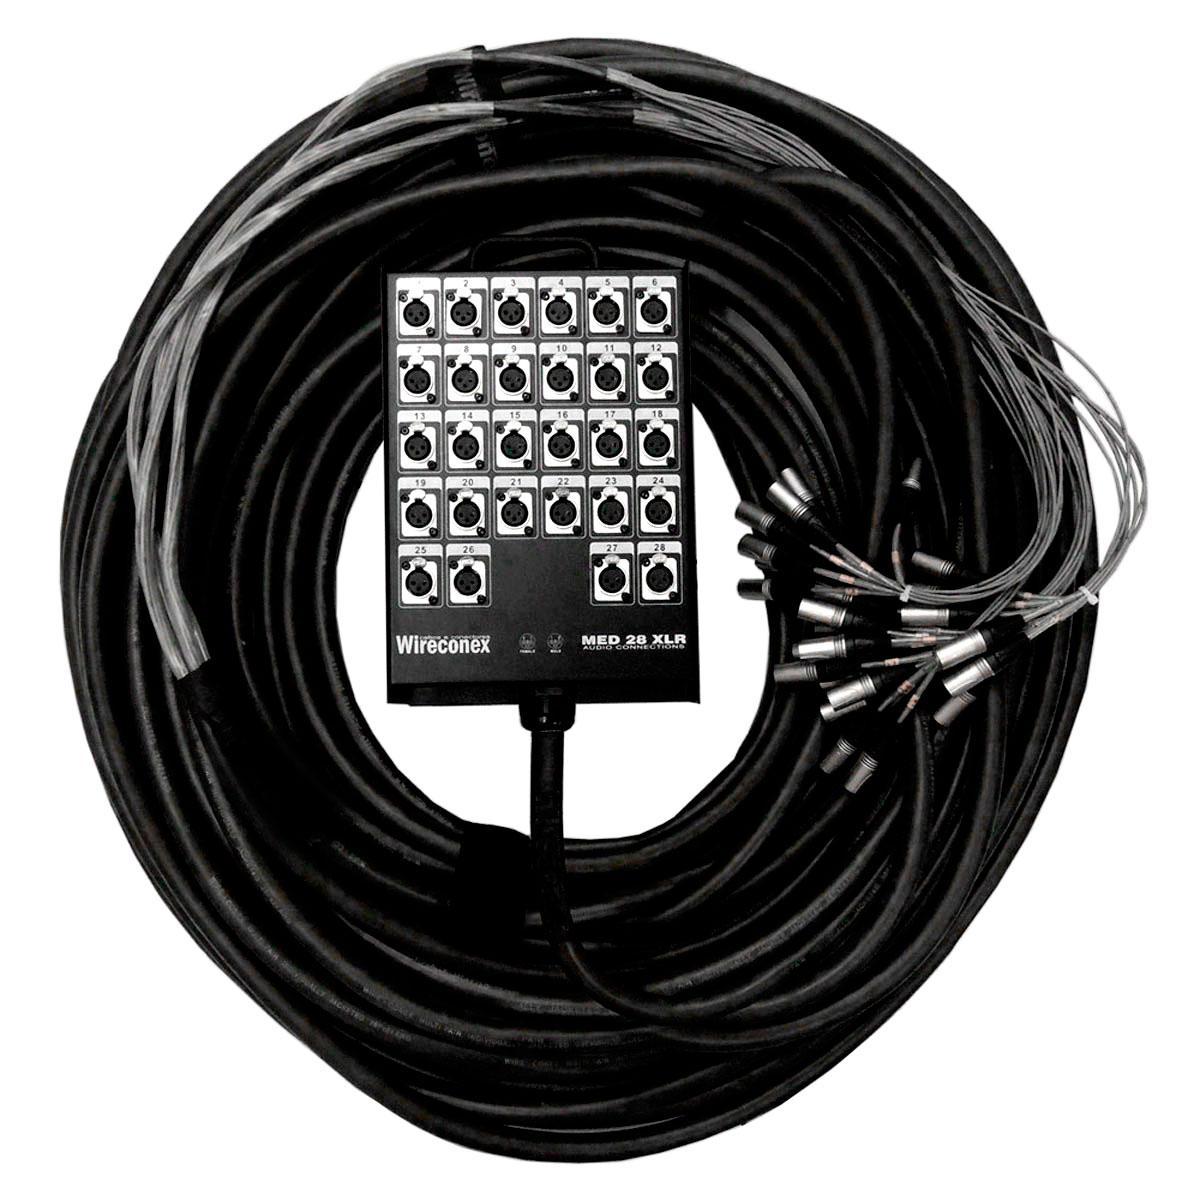 Multicabo Completo 28 Vias XLR ( Balanceado ) c/ Trava 15mts - VR CABOS